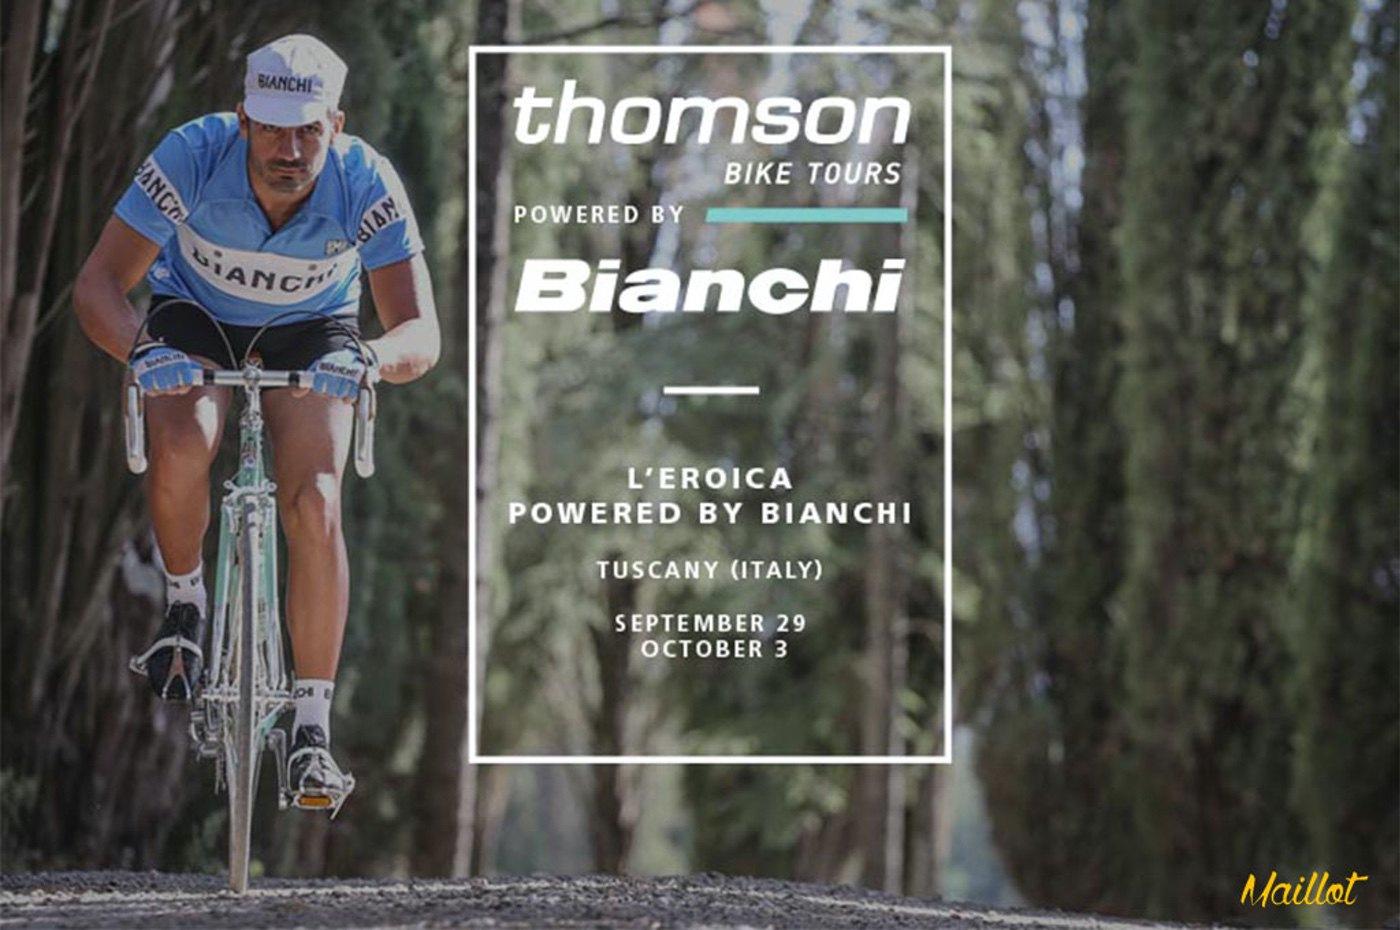 L´Eroica, Bianchi organiza a través de Thomson Bike Tours un viaje cicloturista vintage